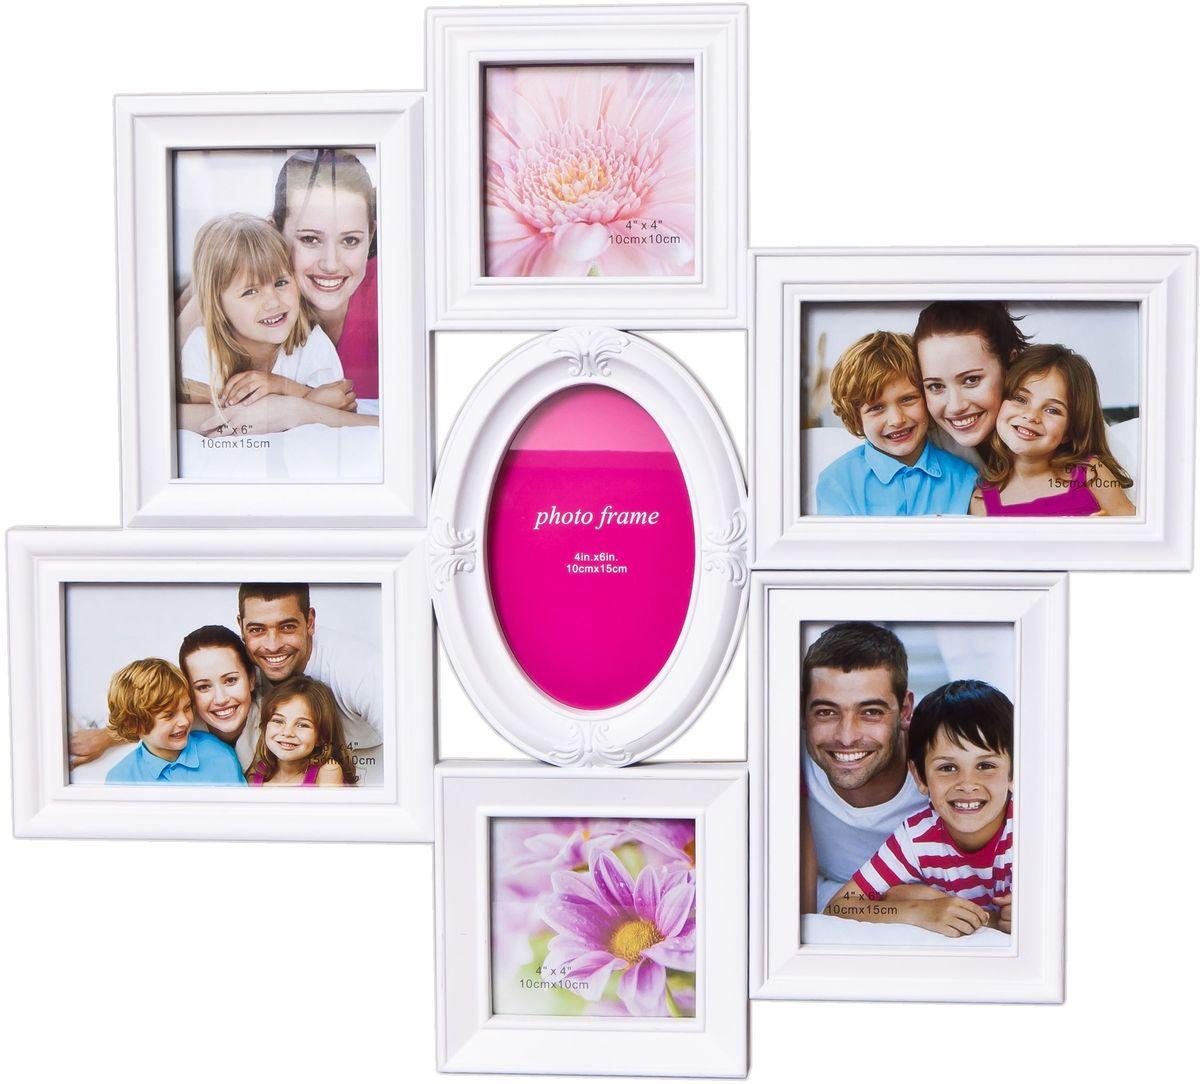 Коллаж Platinum, цвет: белый, 7 фоторамок. BH-1313PLATINUM BH-1313-White-БелыйФоторамка-коллаж Platinum - прекрасный способ красиво оформить ваши фотографии. Фоторамка выполнена из пластика и защищена стеклом. Фоторамка-коллаж представляет собой семь фоторамок для фото разного размера оригинально соединенных между собой. Такая фоторамка поможет сохранить в памяти самые яркие моменты вашей жизни, а стильный дизайн сделает ее прекрасным дополнением интерьера комнаты.Фоторамка подходит для 7 фотографий: 2 фото 10 х 10 см , 5 фото 10 х 15 см.